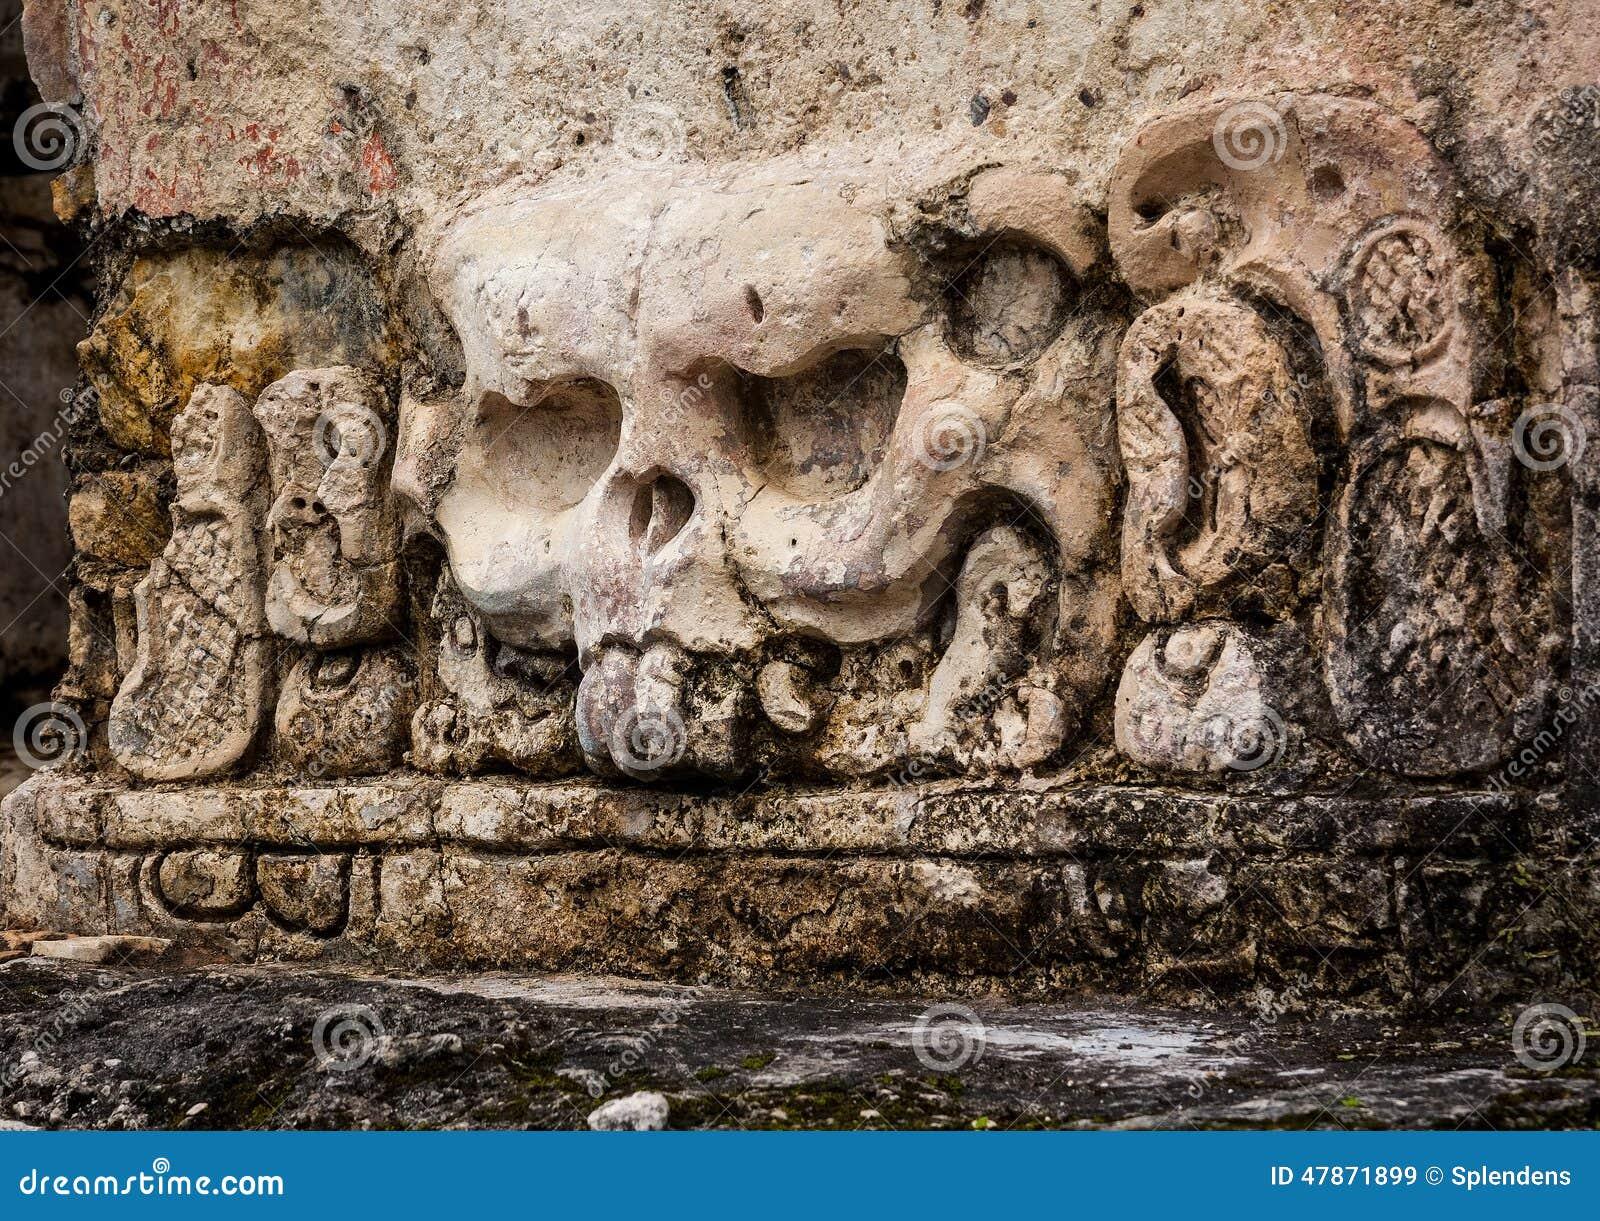 Mayan stone carvings stock photo cartoondealer